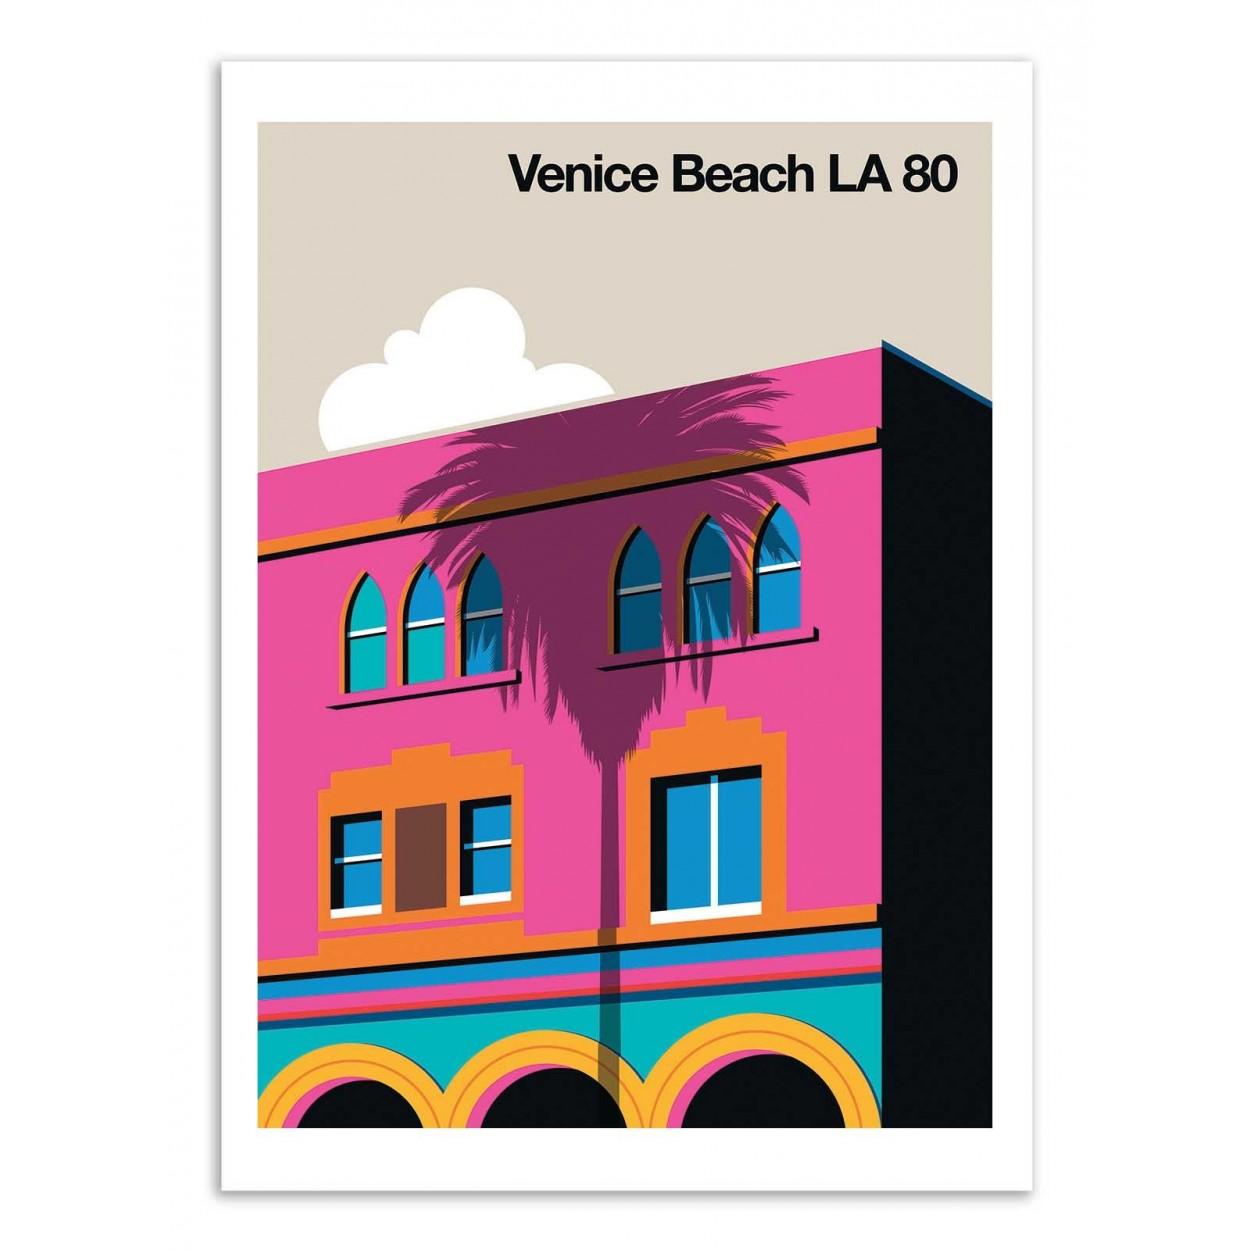 VENICE BEACH LA 80 -  Affiche d'art 50 x 70 cm